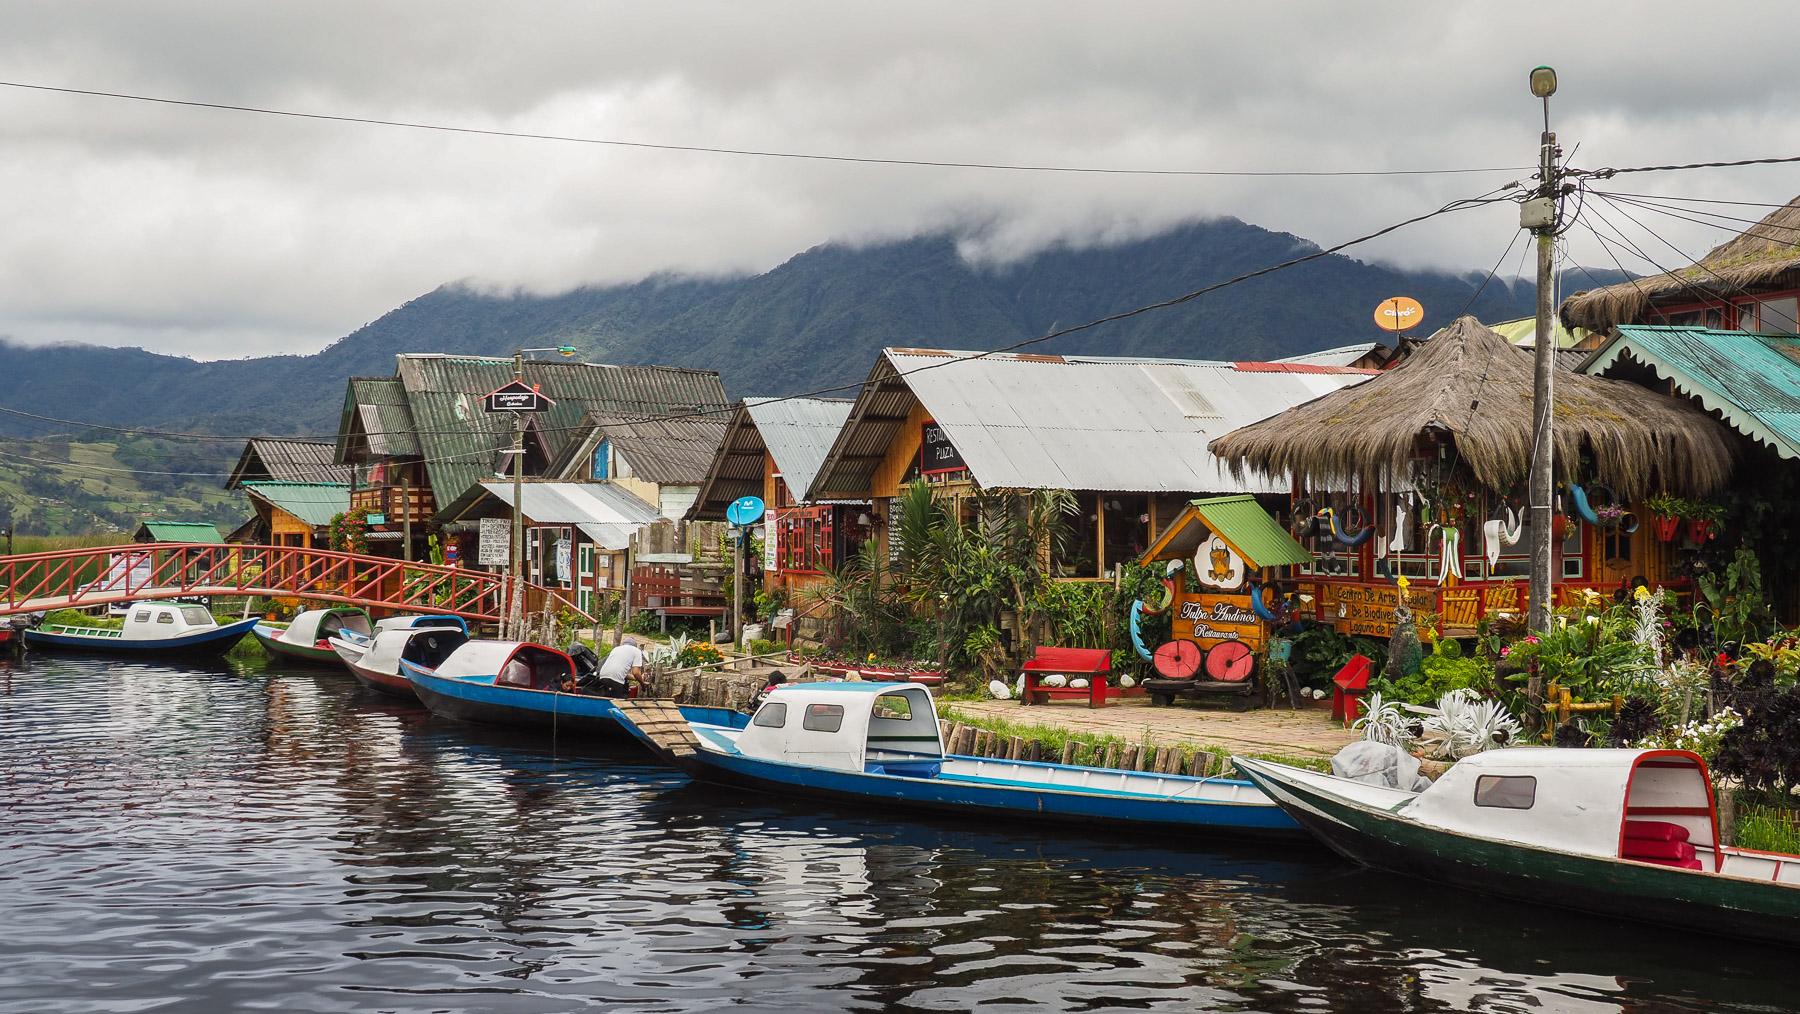 Idyllischer kleiner Ort mit hauptsächlich Wasserwegen